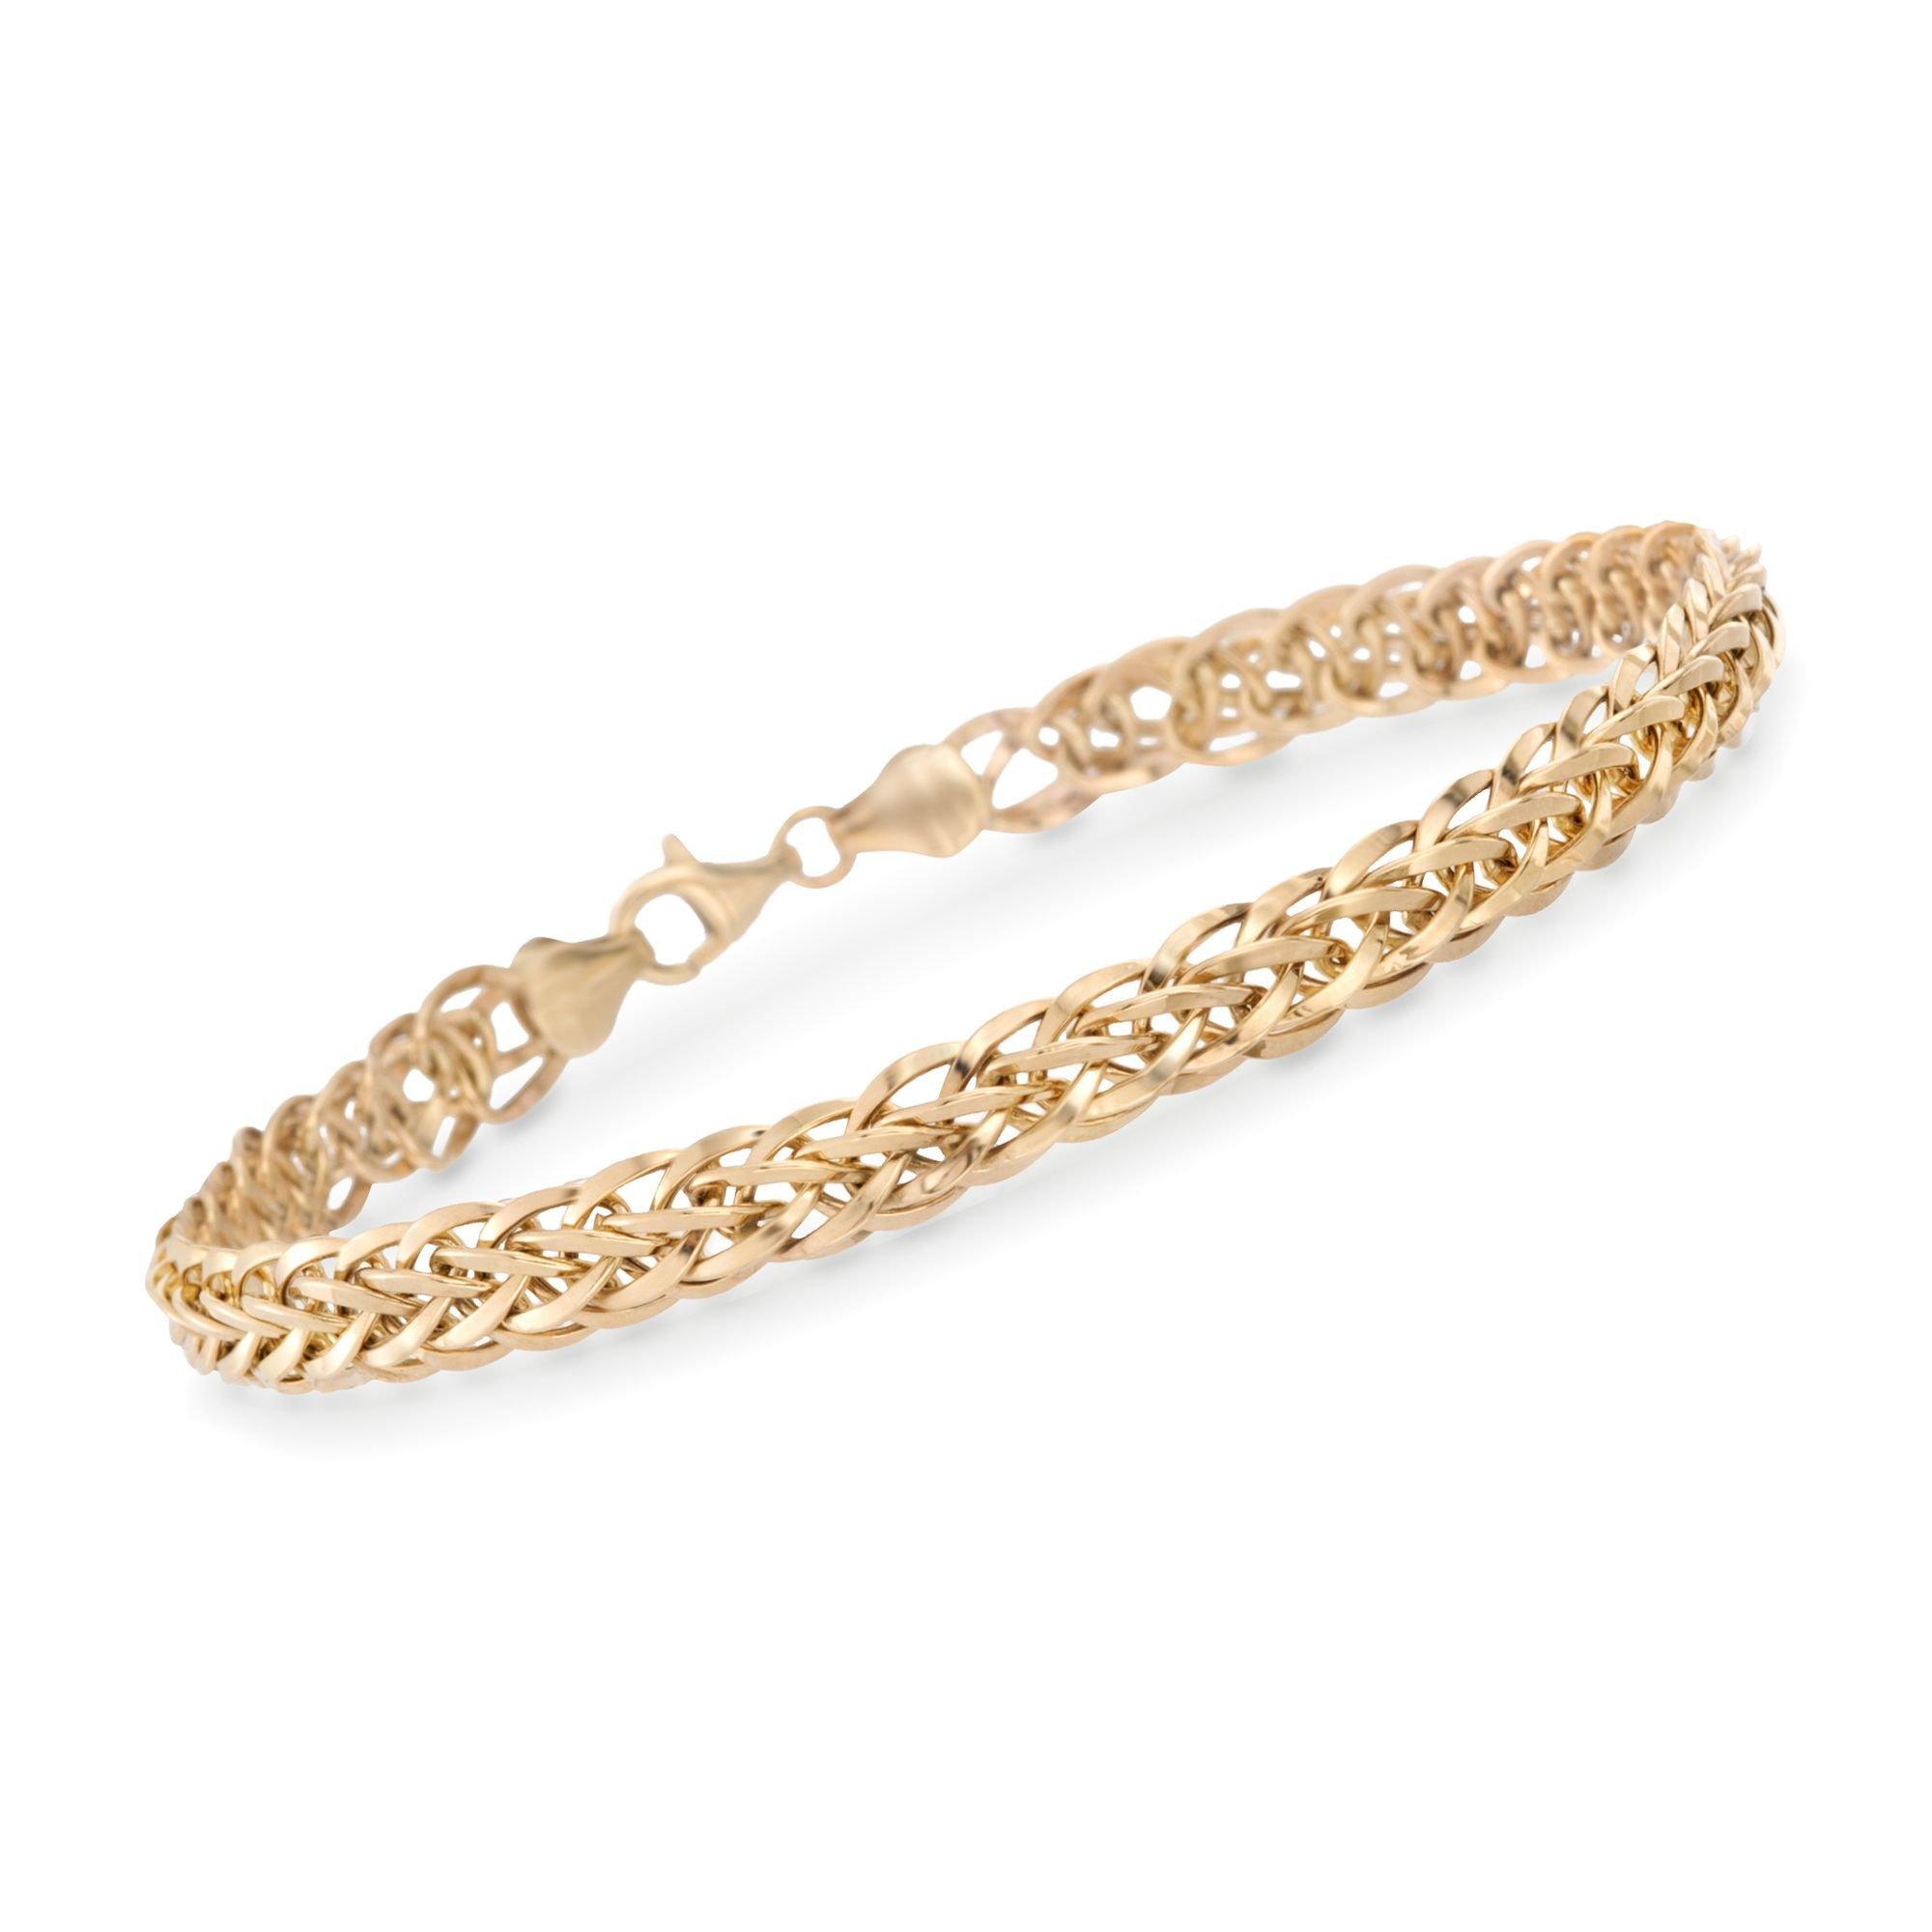 Ross-Simons 14kt Yellow Gold Wheat-Link Bracelet